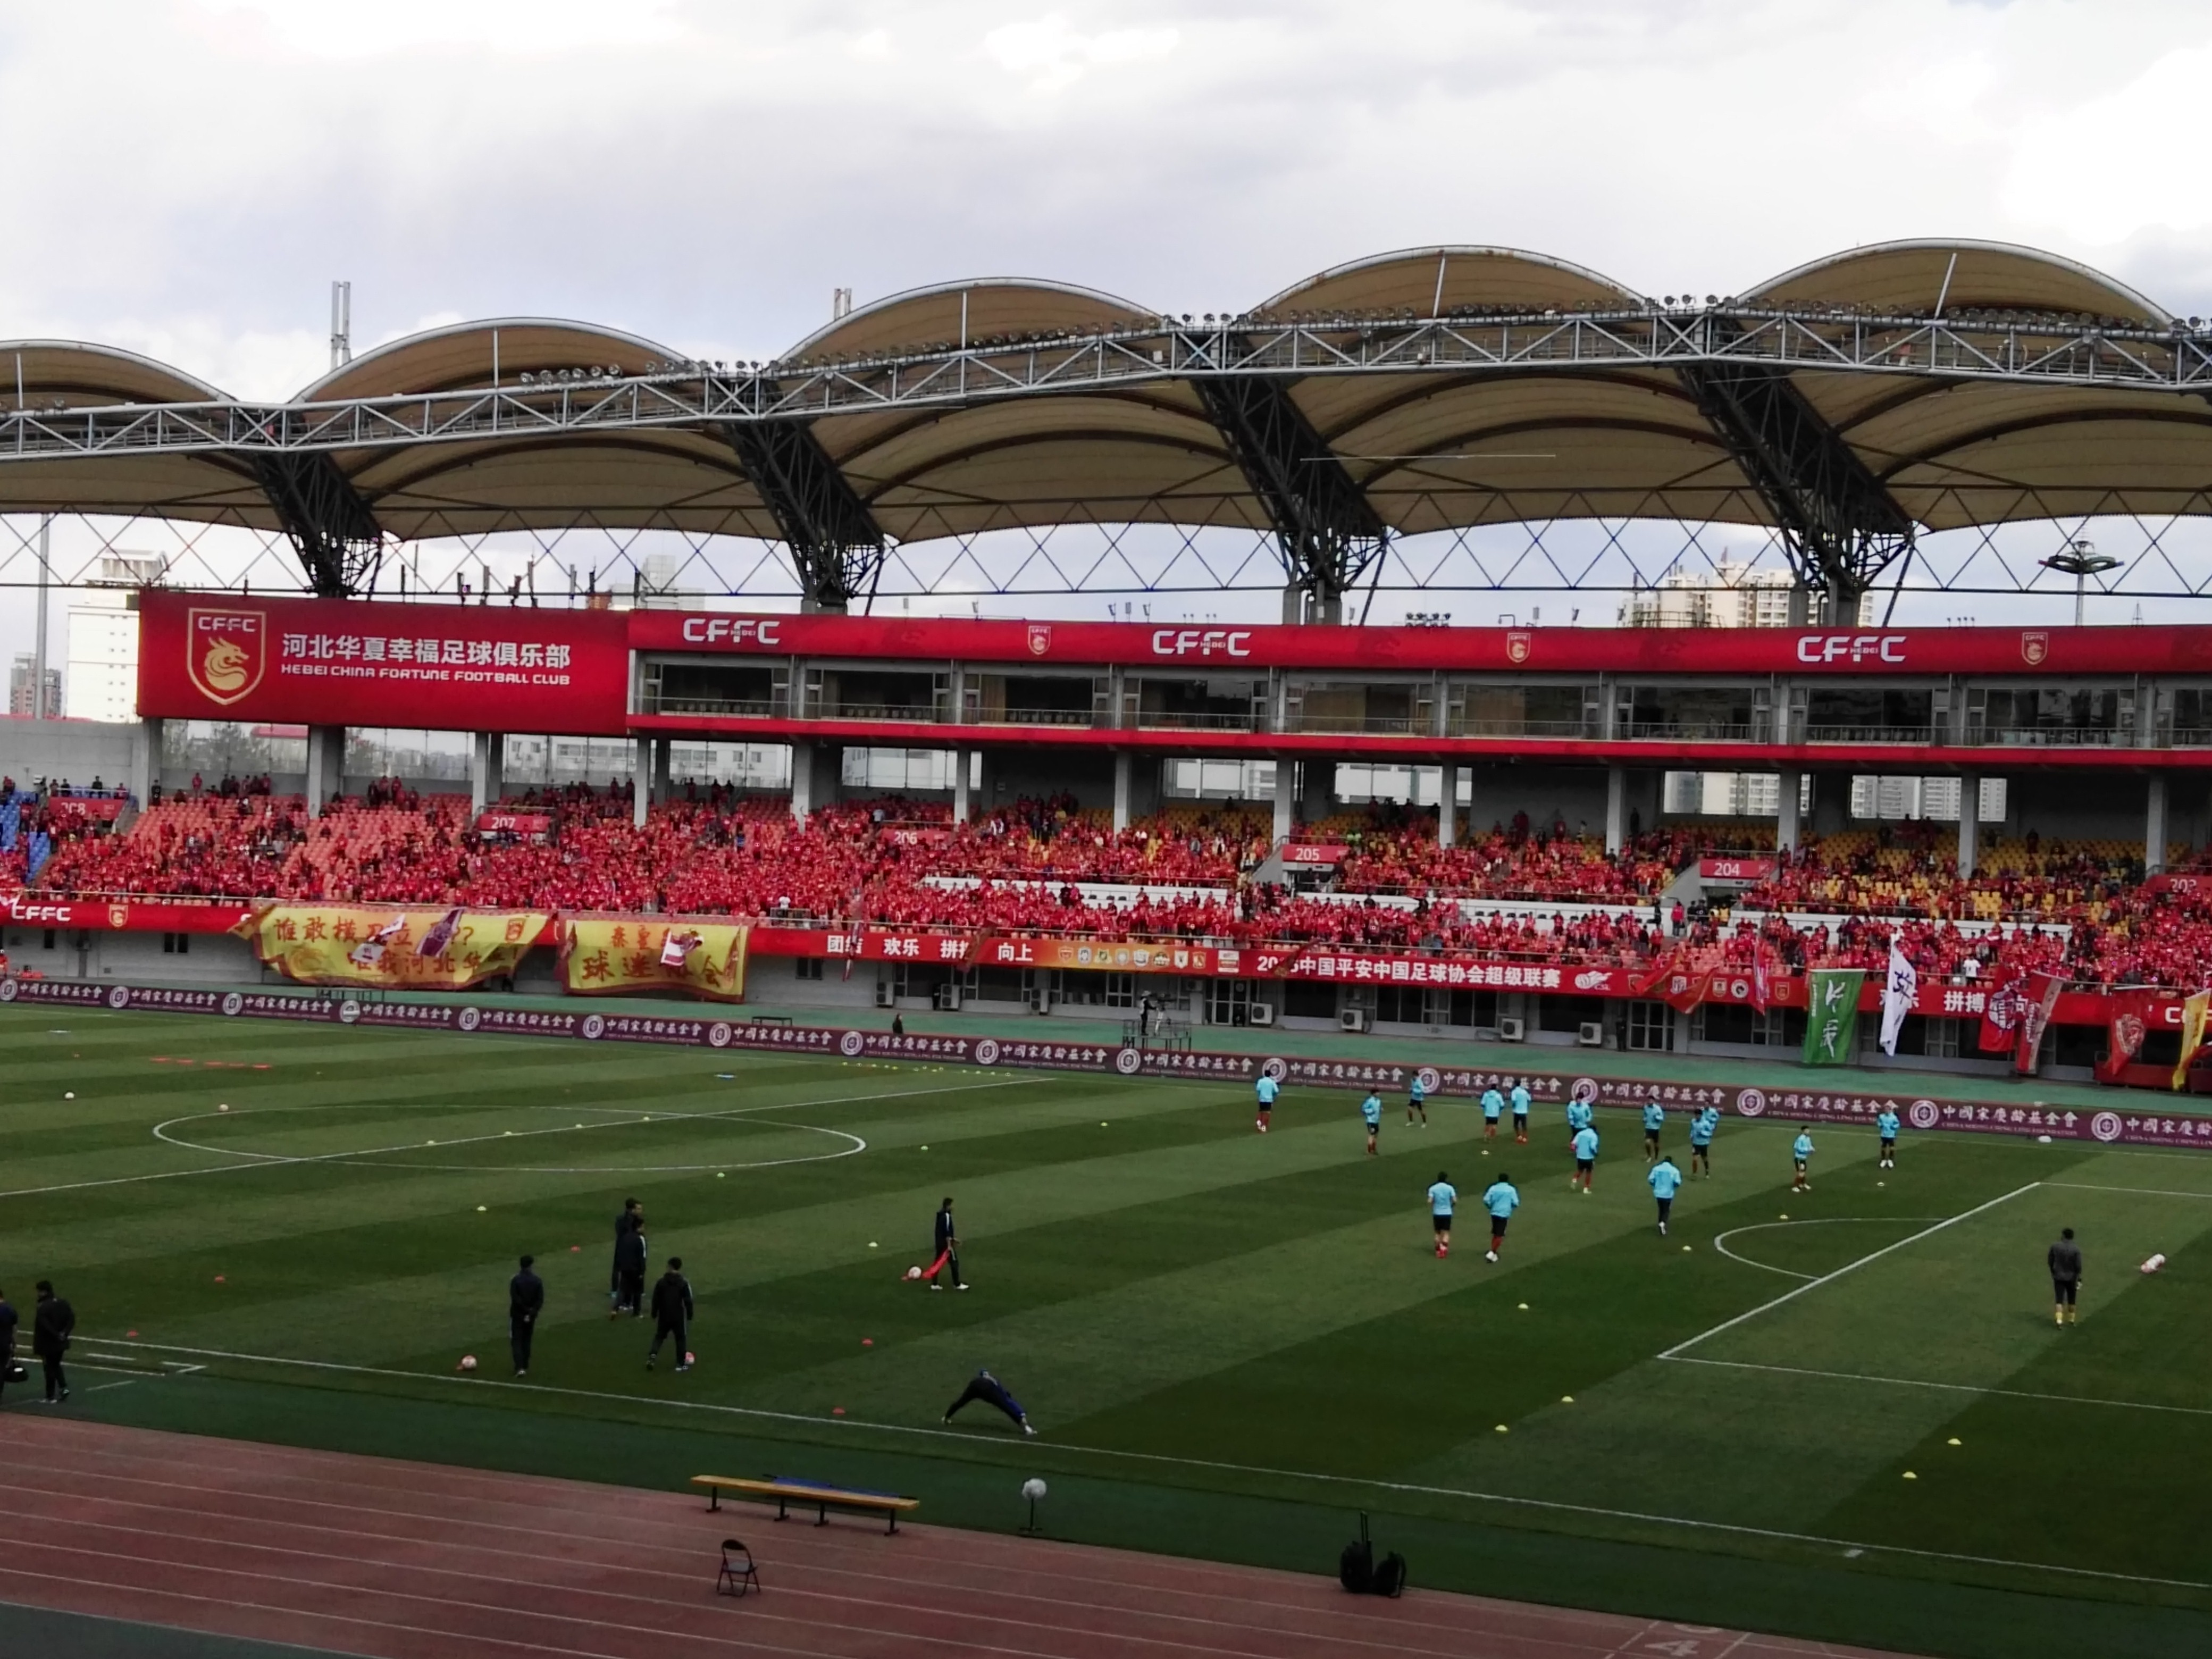 来秦皇岛旅游,观看中超赛事,一起体验魅力足球